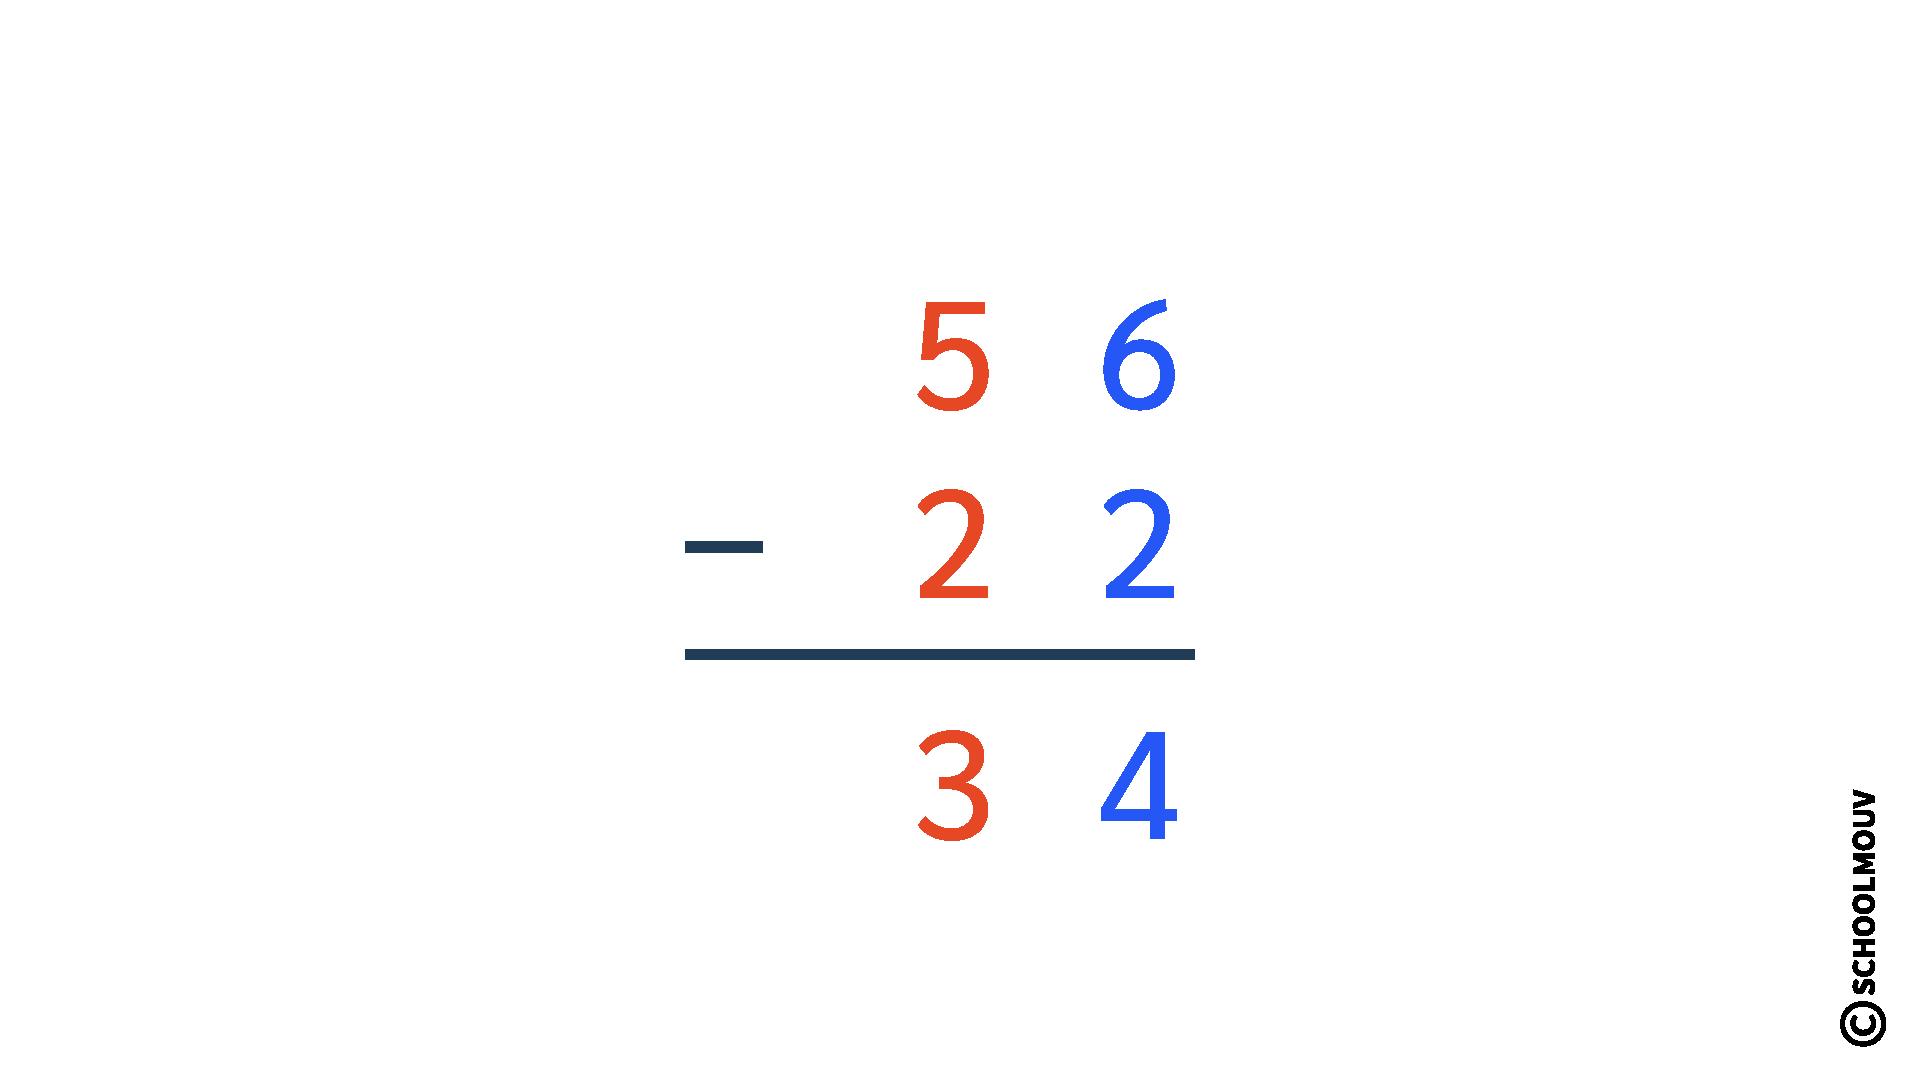 poser et calculer des soustractions en colonne sans retenue CE1